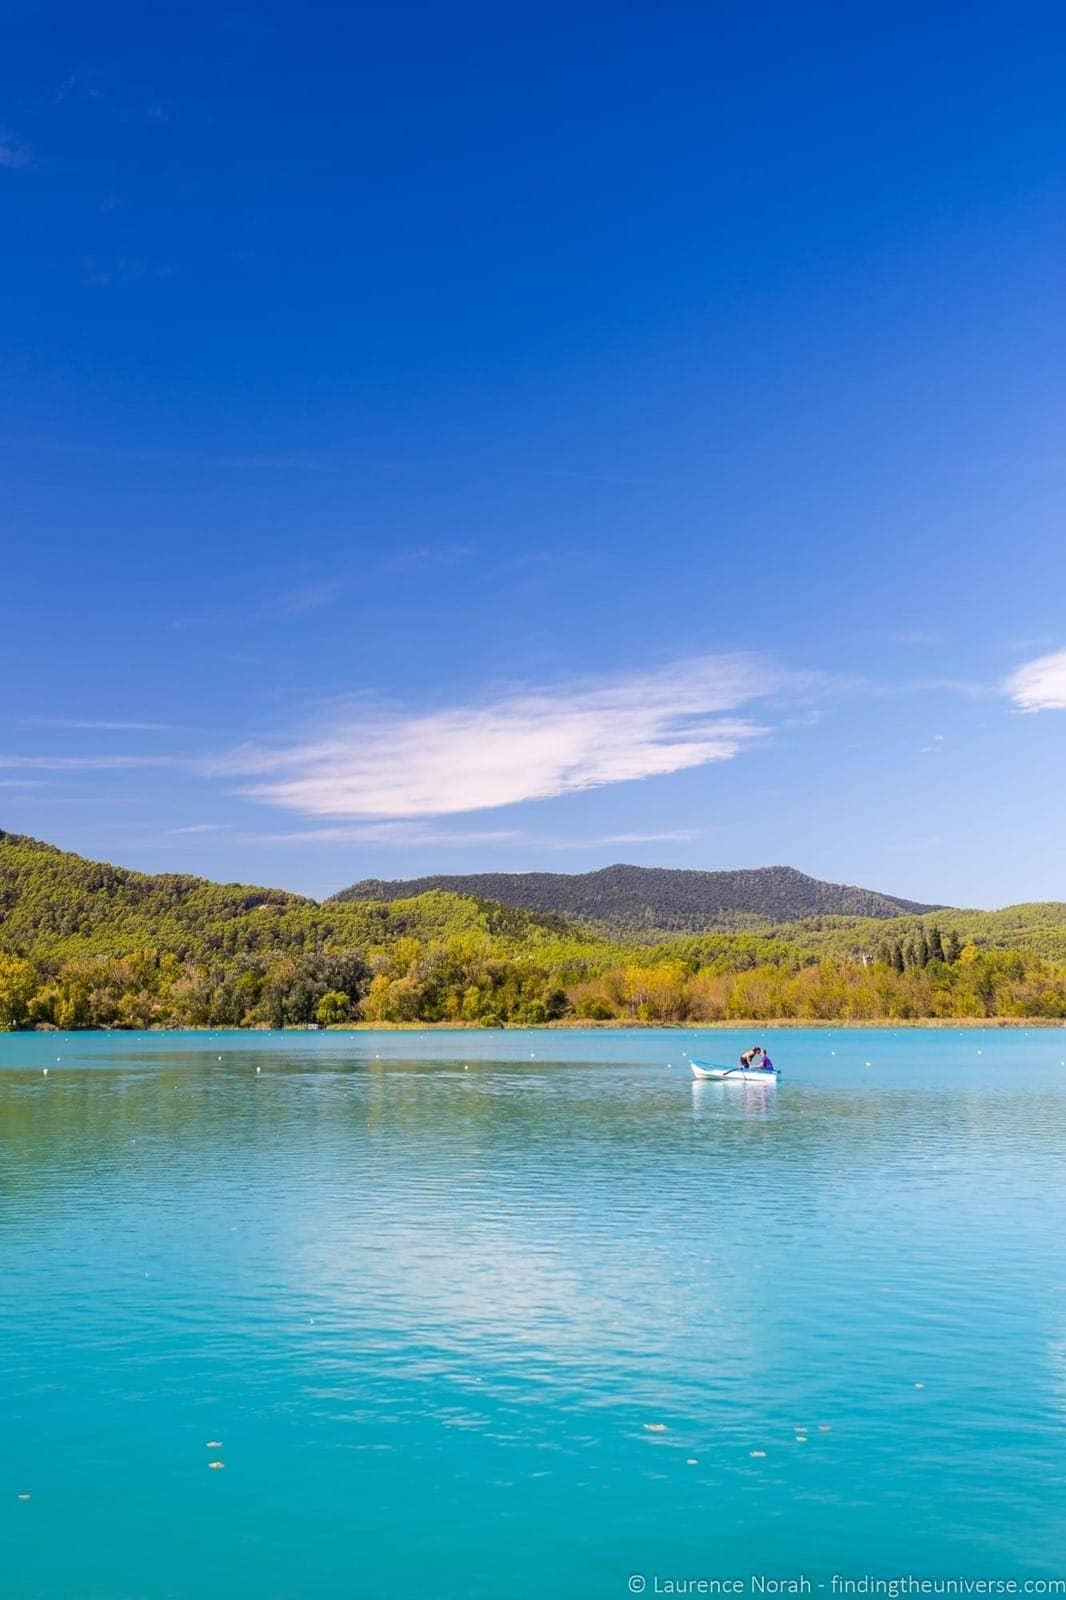 Banyoles lake boats